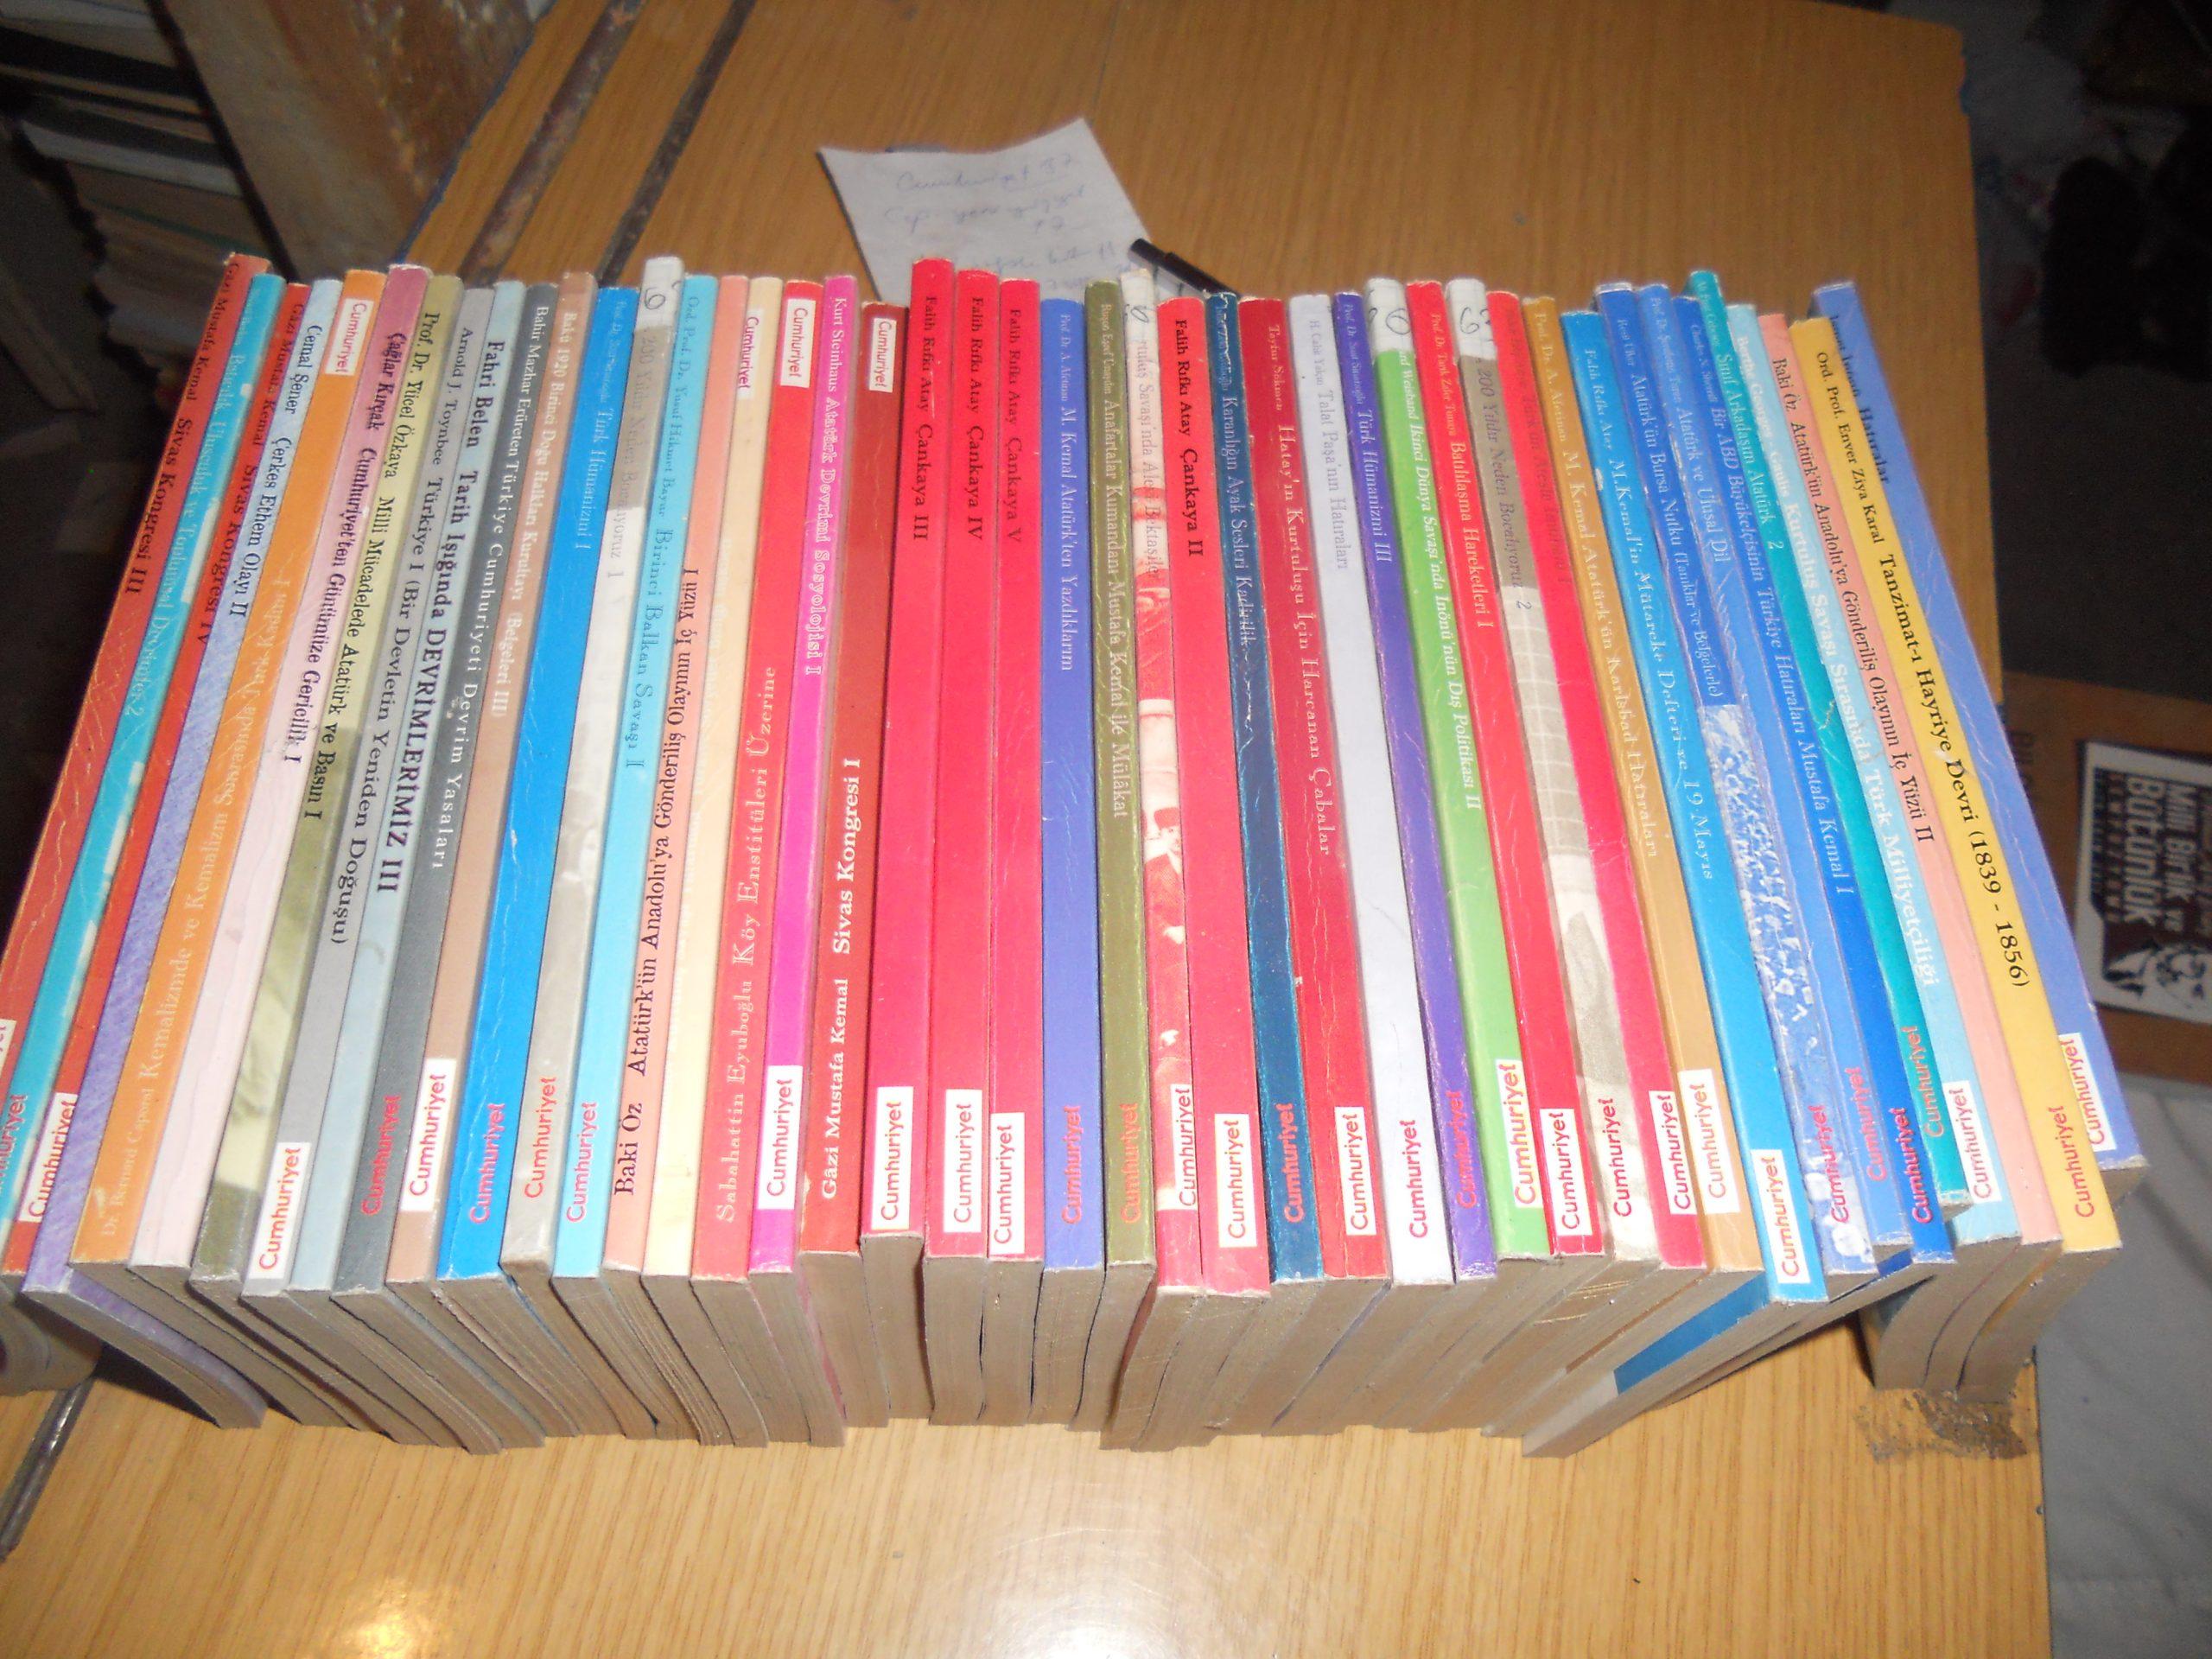 Cumhuriyet Kitapları(Atatürk ve Kurtuluş Savaşı-Devrimler)/44 adet/Toplam 120tl